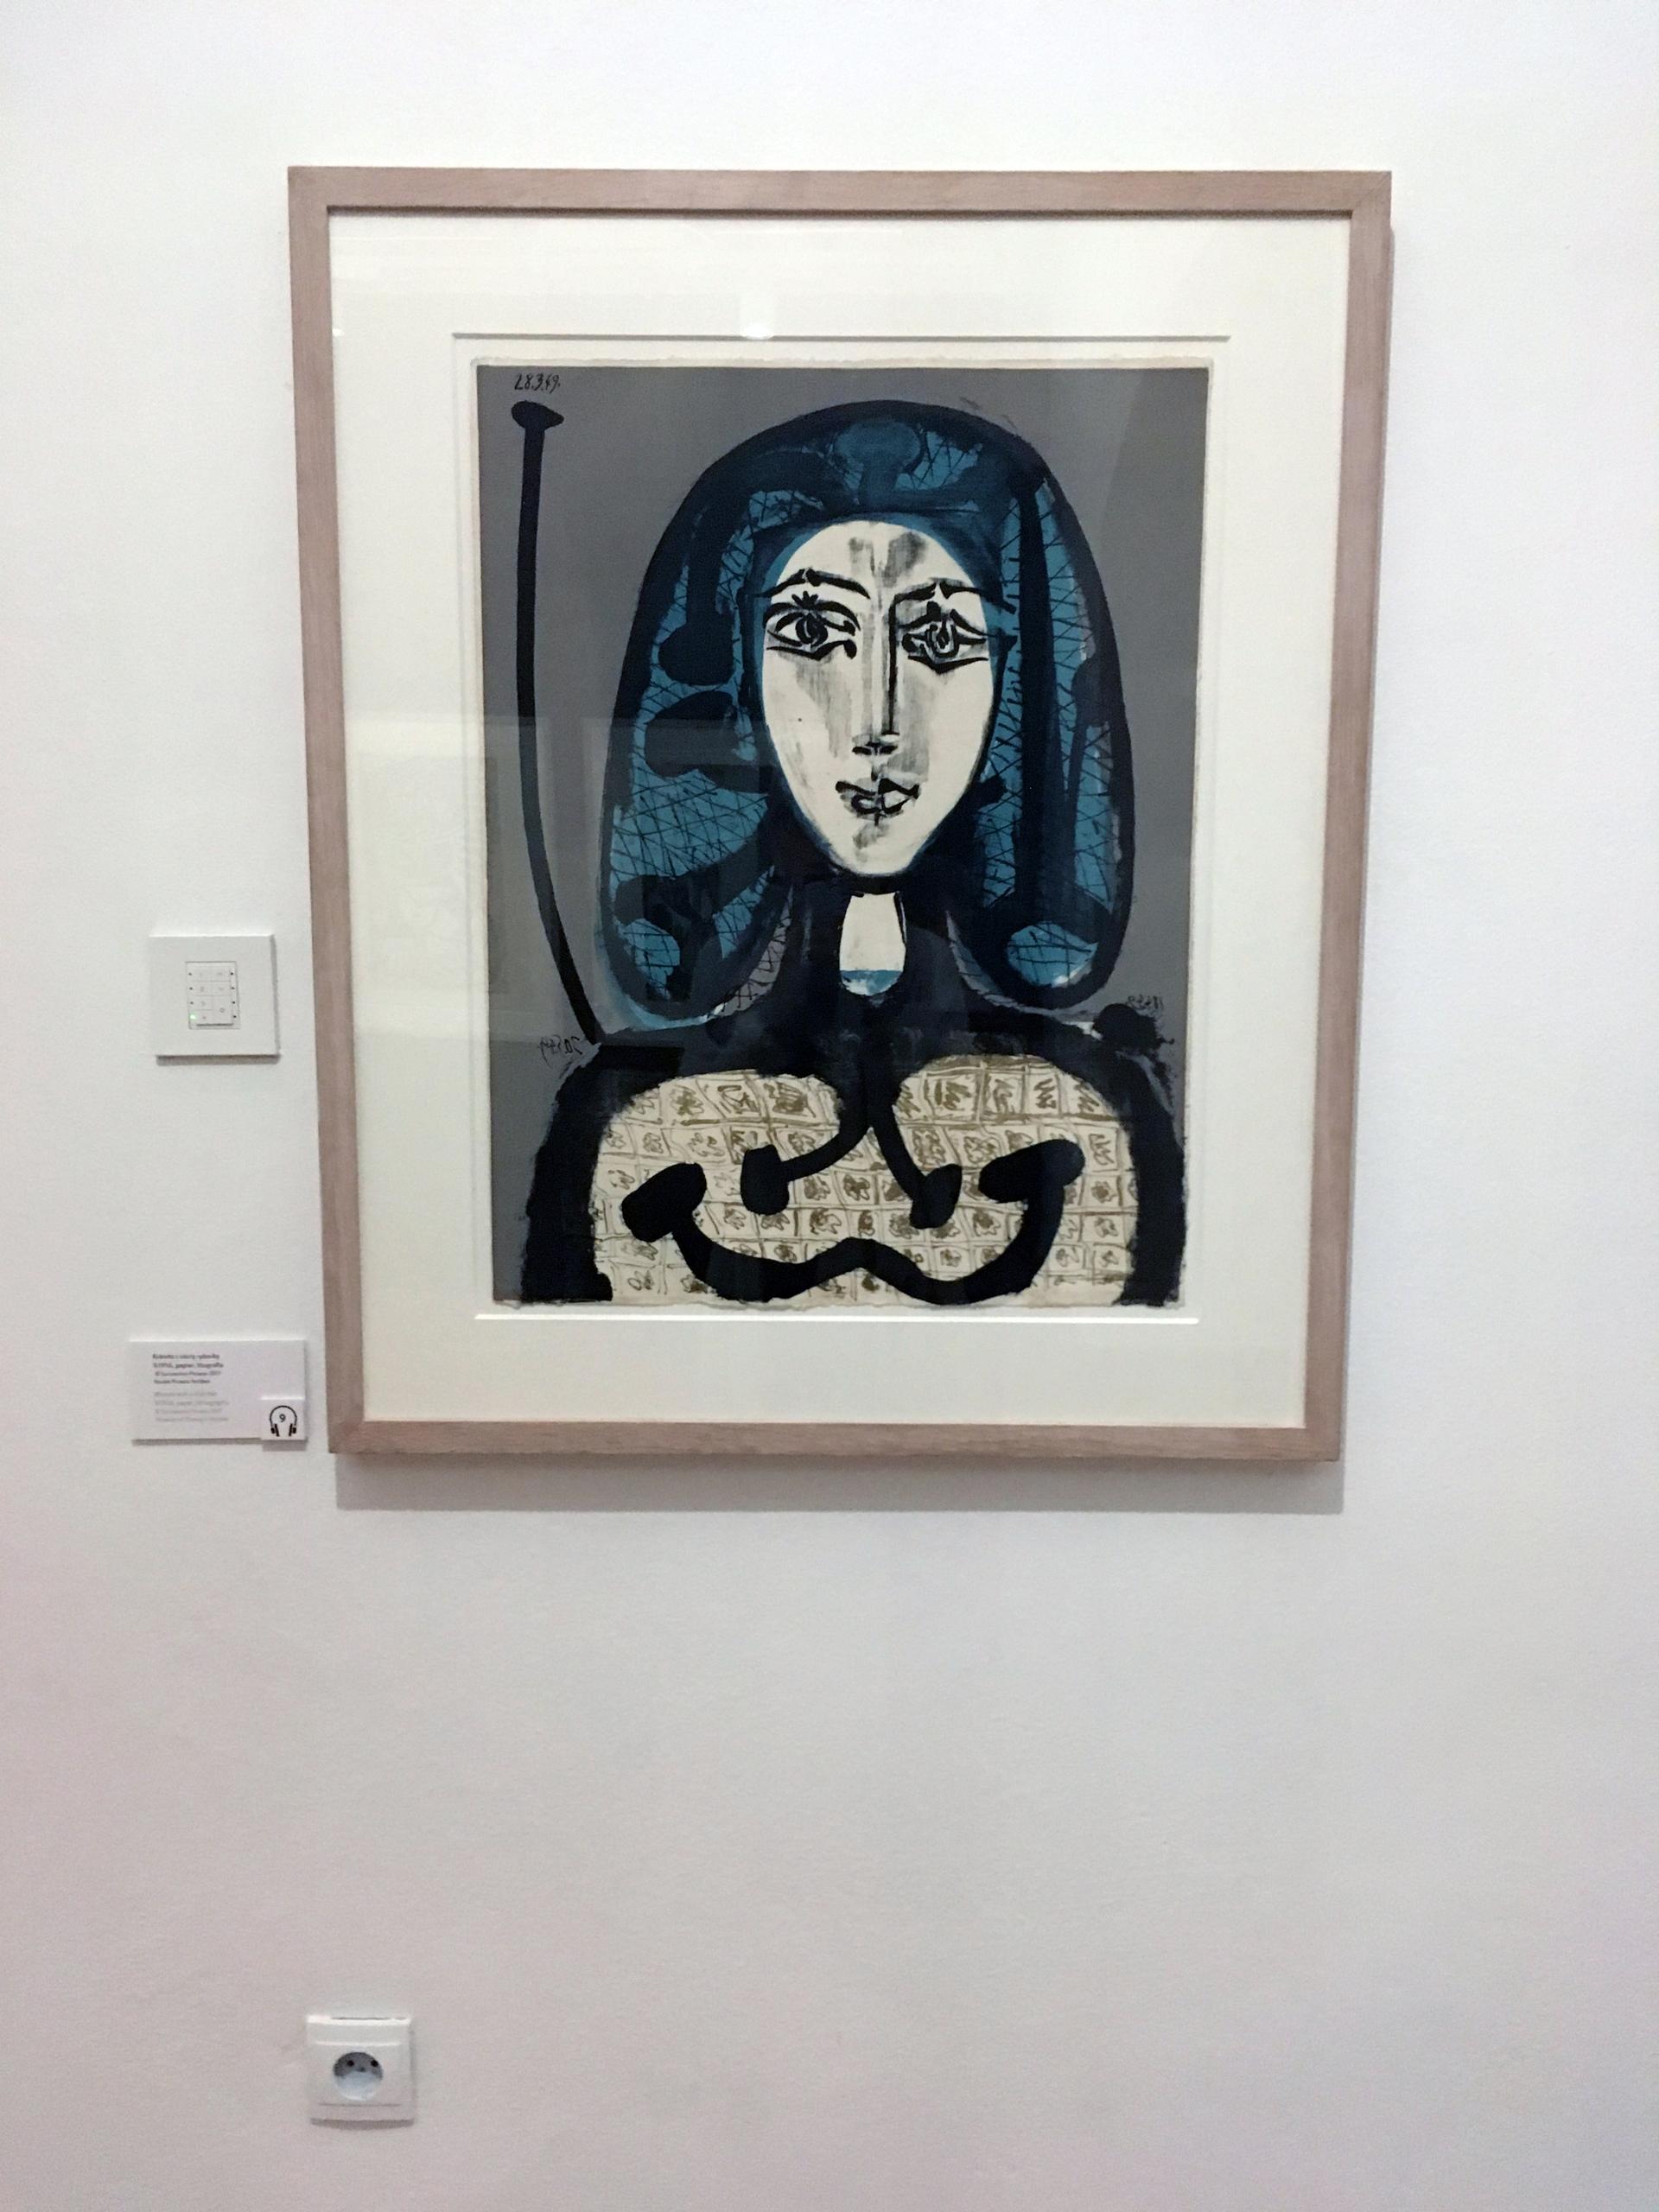 Zdjęcie przedstawia jedną z grafik znanego artysty Pabla Picassa. Grafika przedstawia portret kobiety.